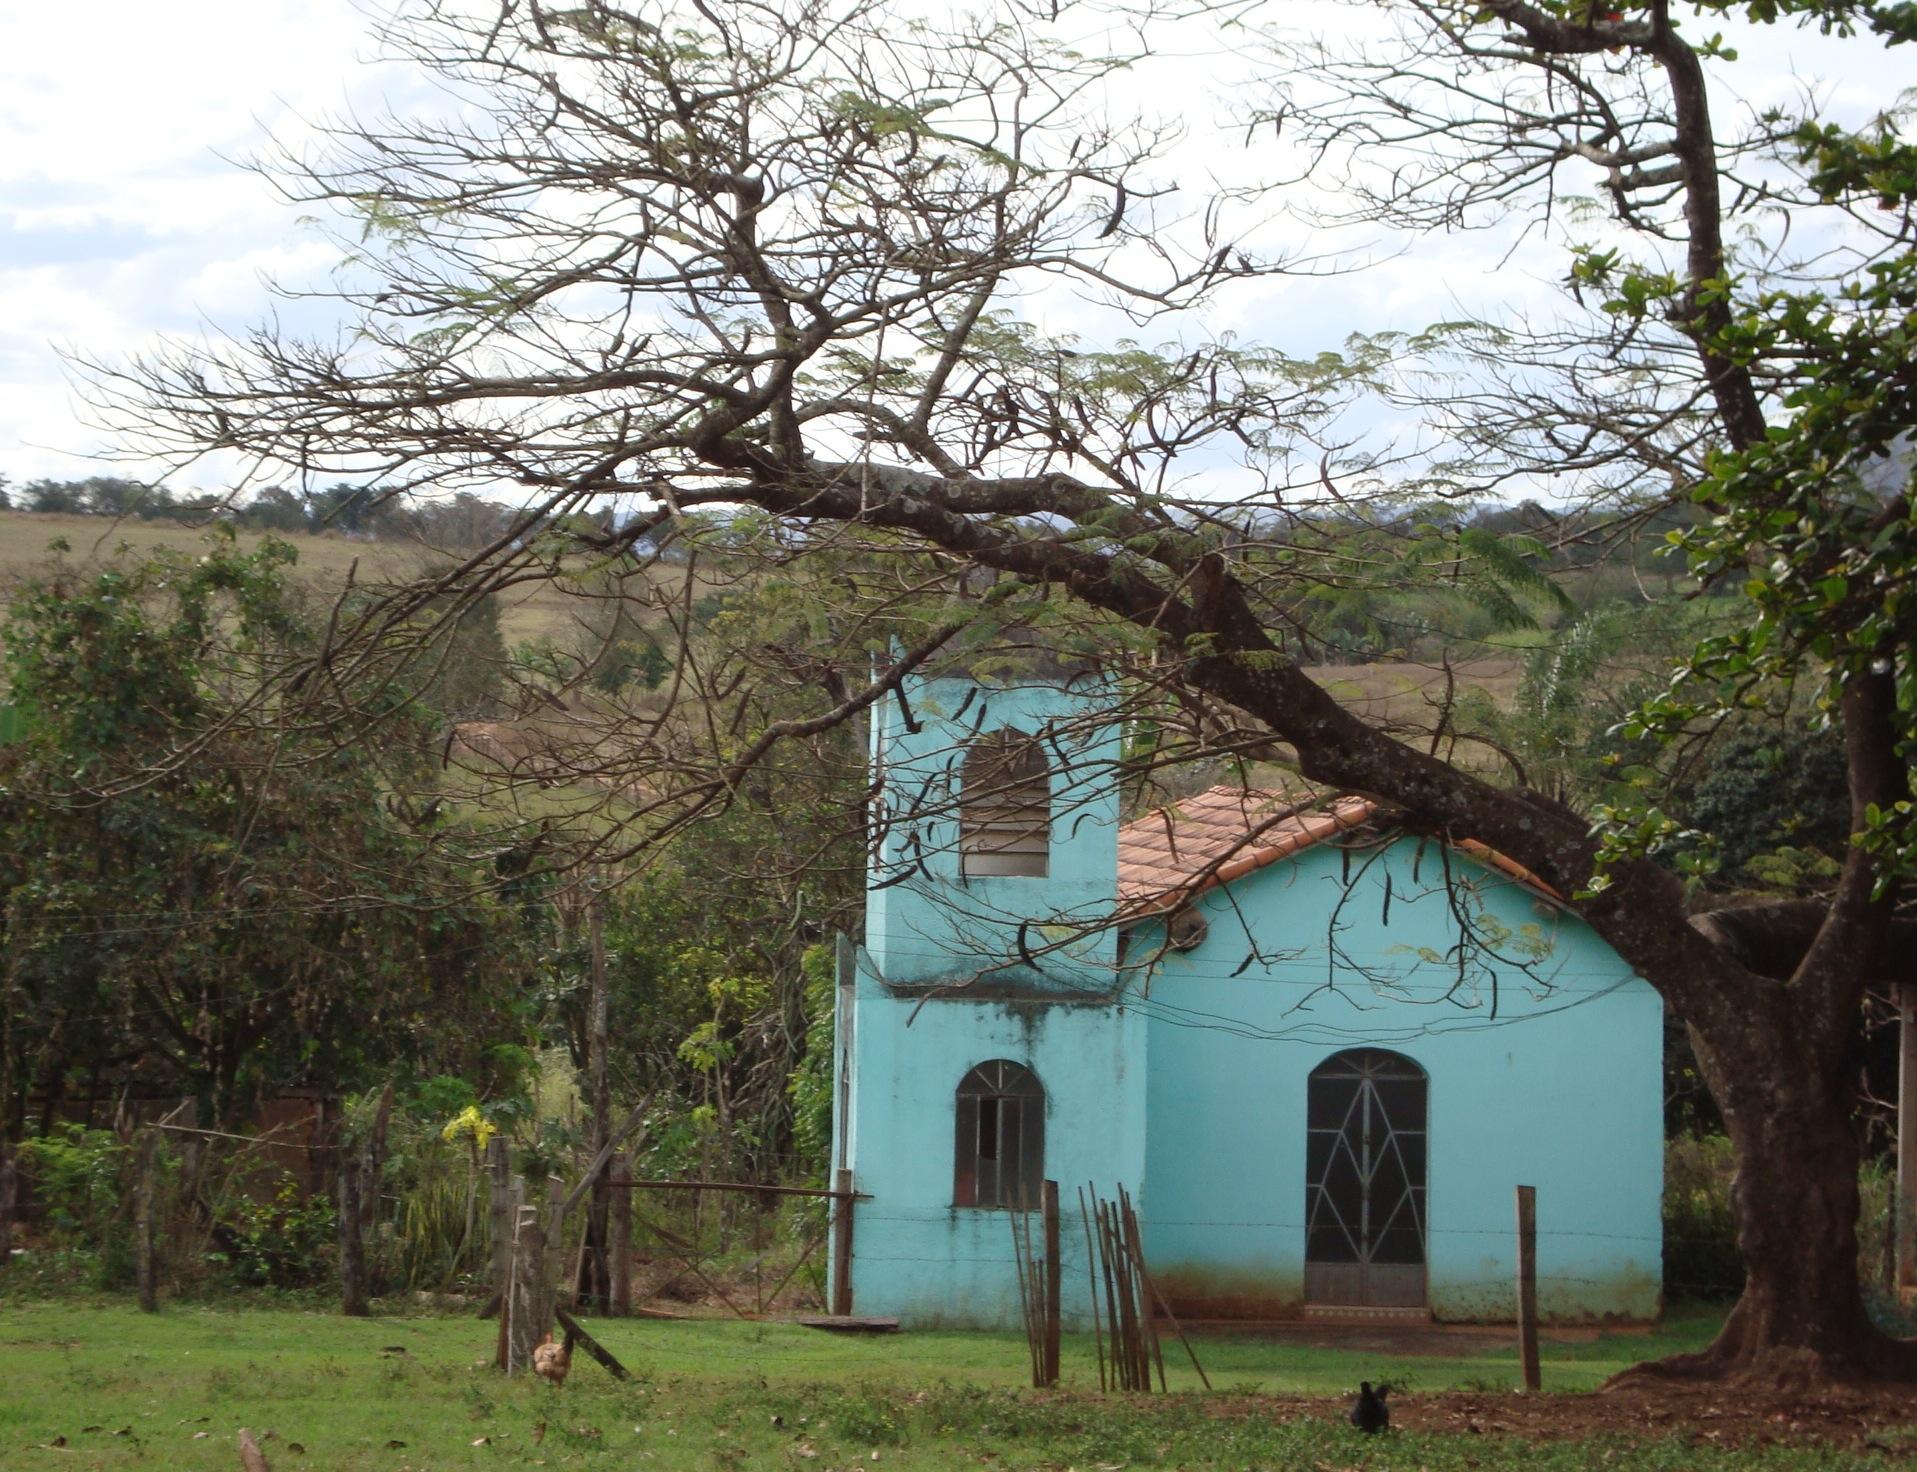 São João Batista do Glória, Minas Gerais